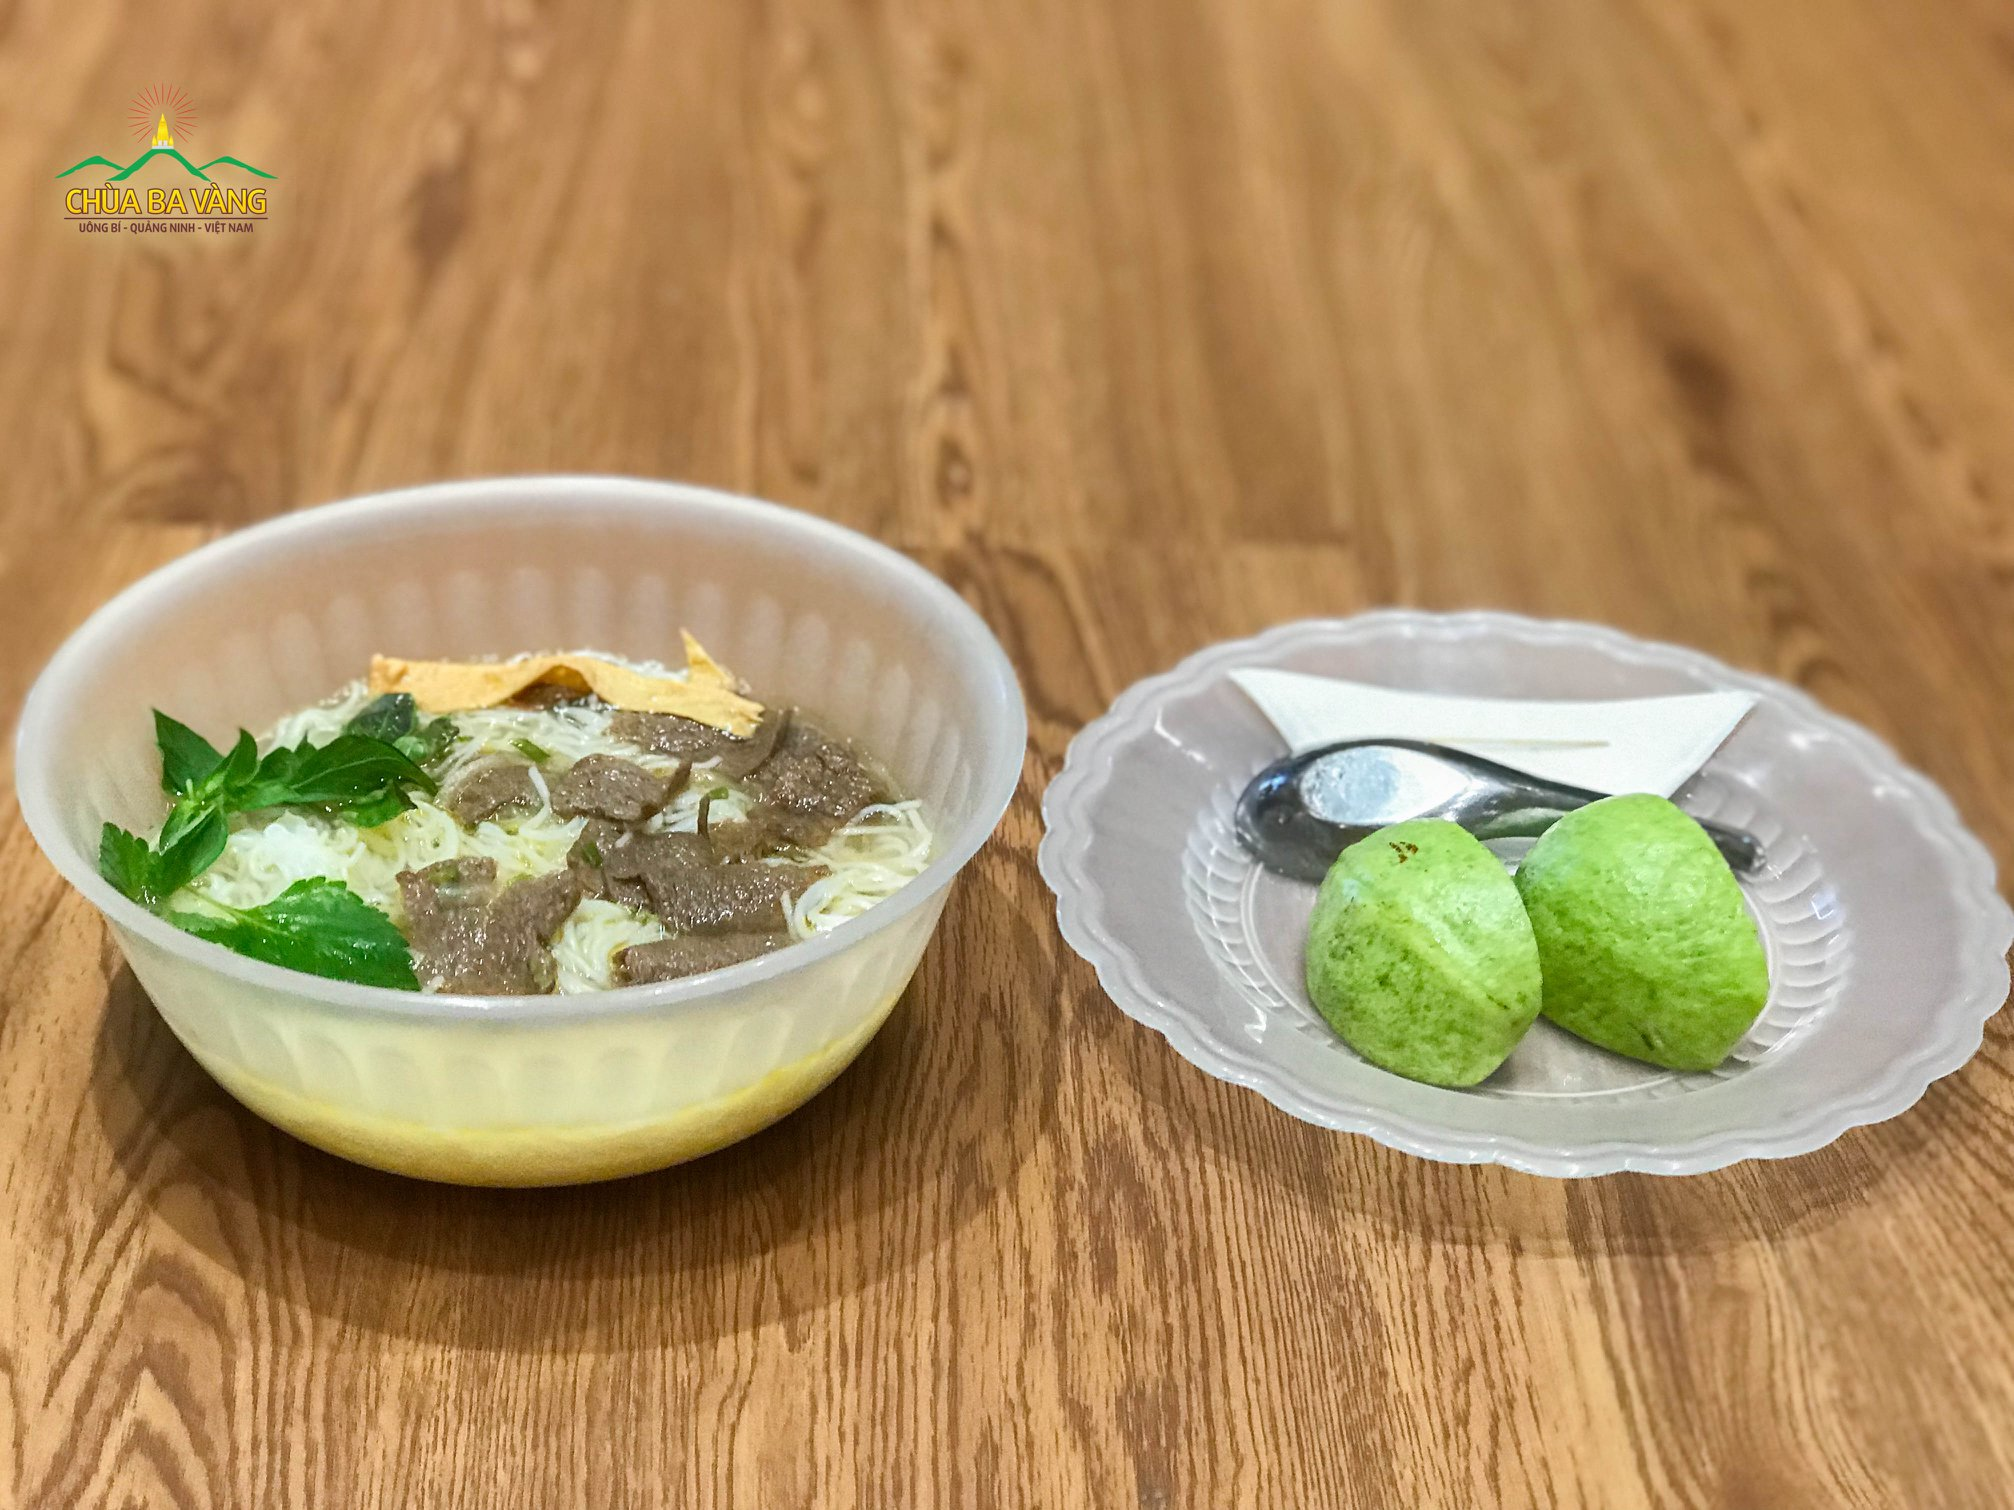 Món Phở chay đặc biệt - bữa sáng đầu tiên của các bạn khóa sinh trong Khóa tu mùa hè Chùa Ba Vàng